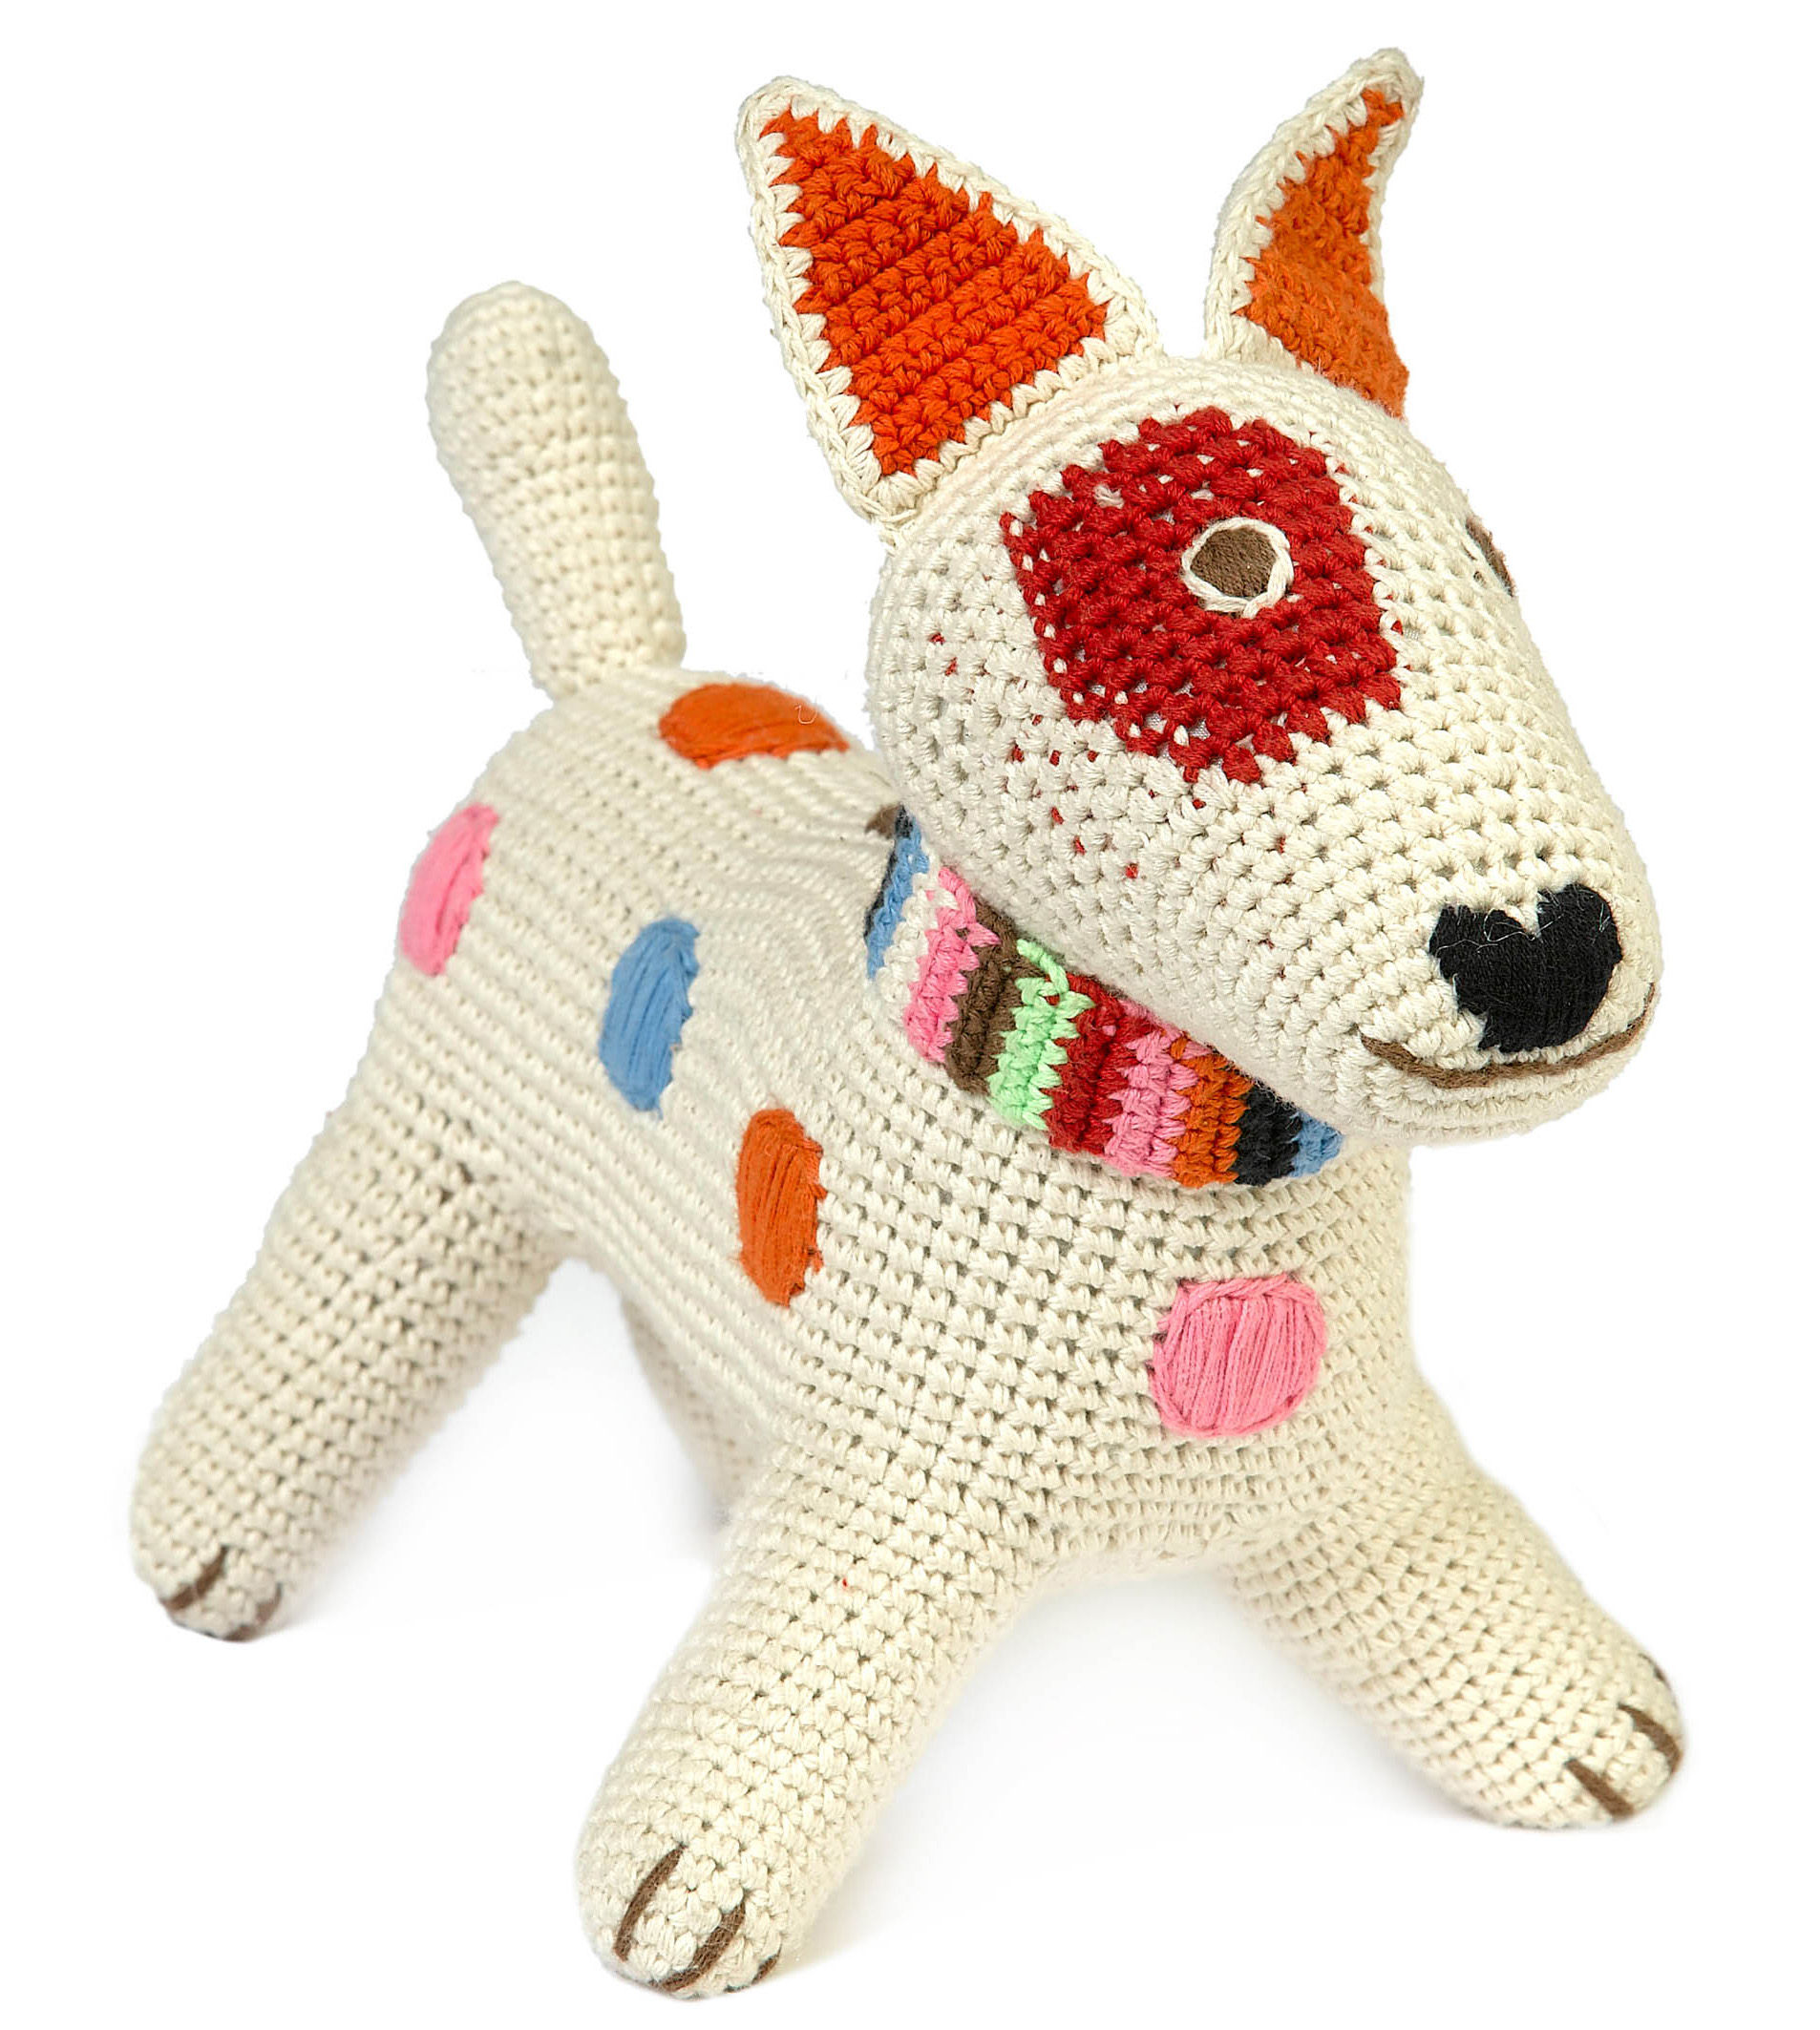 Dekoration - Für Kinder - Fox Terrier Plüsch gehäkelt - Anne-Claire Petit - Natur - Baumwolle